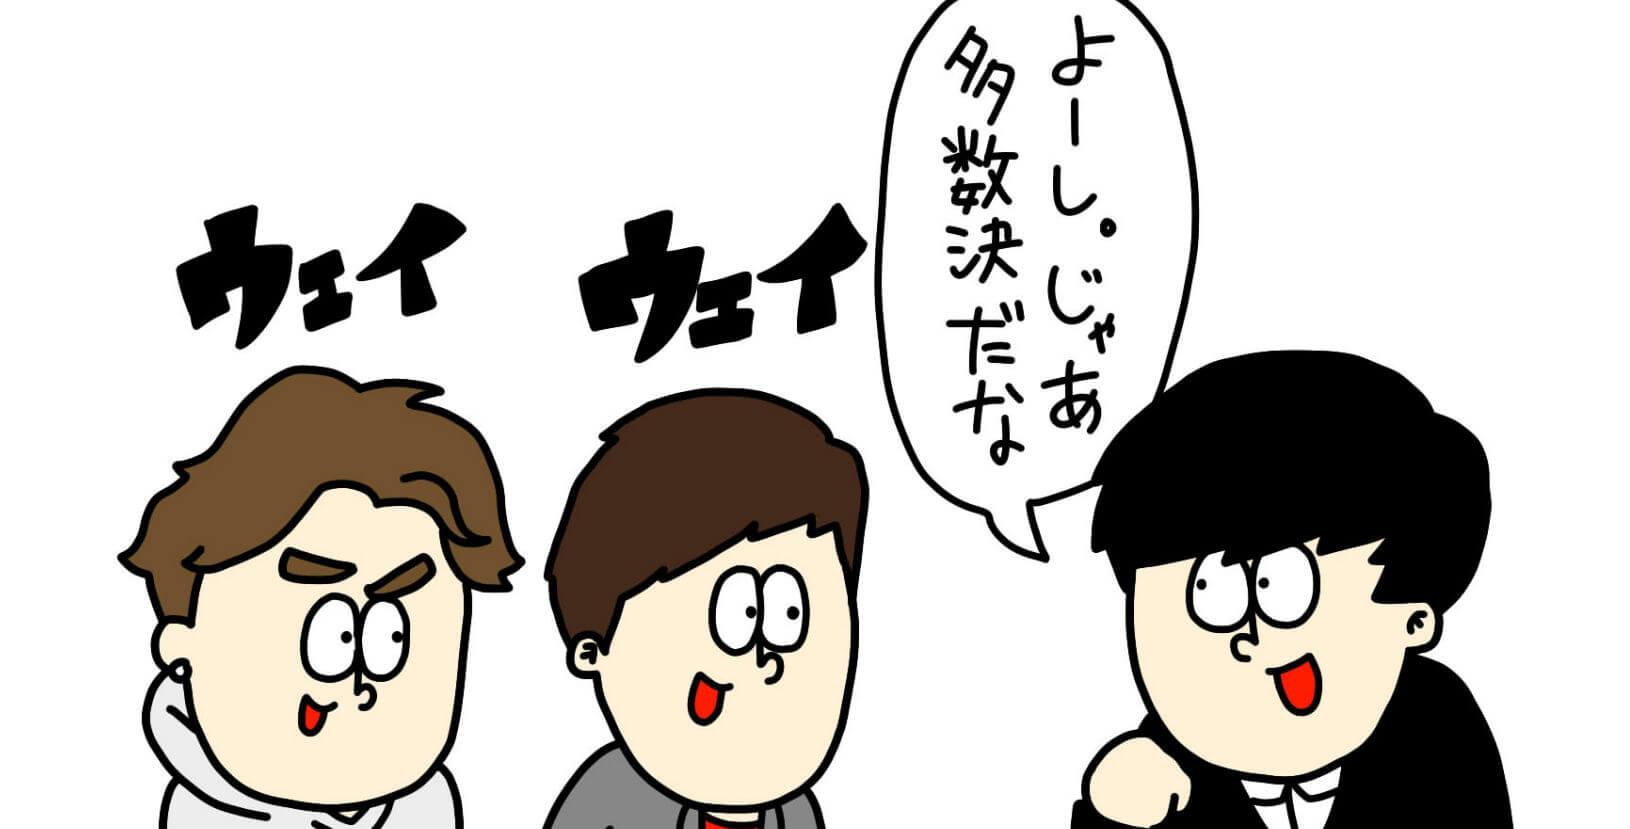 【漫画】第6回 わかりみの深い大学生「多数決」(作:アメヒロ)